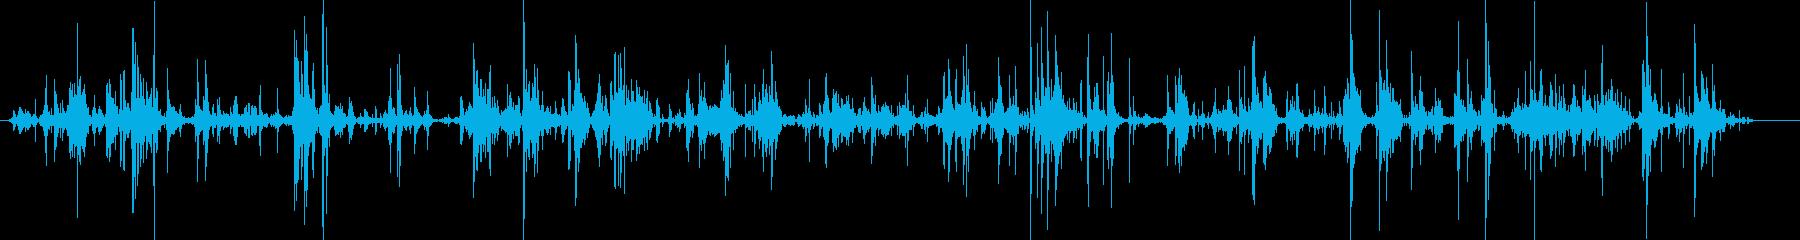 採取・探索の音(ガチャガチャ)_約15秒の再生済みの波形